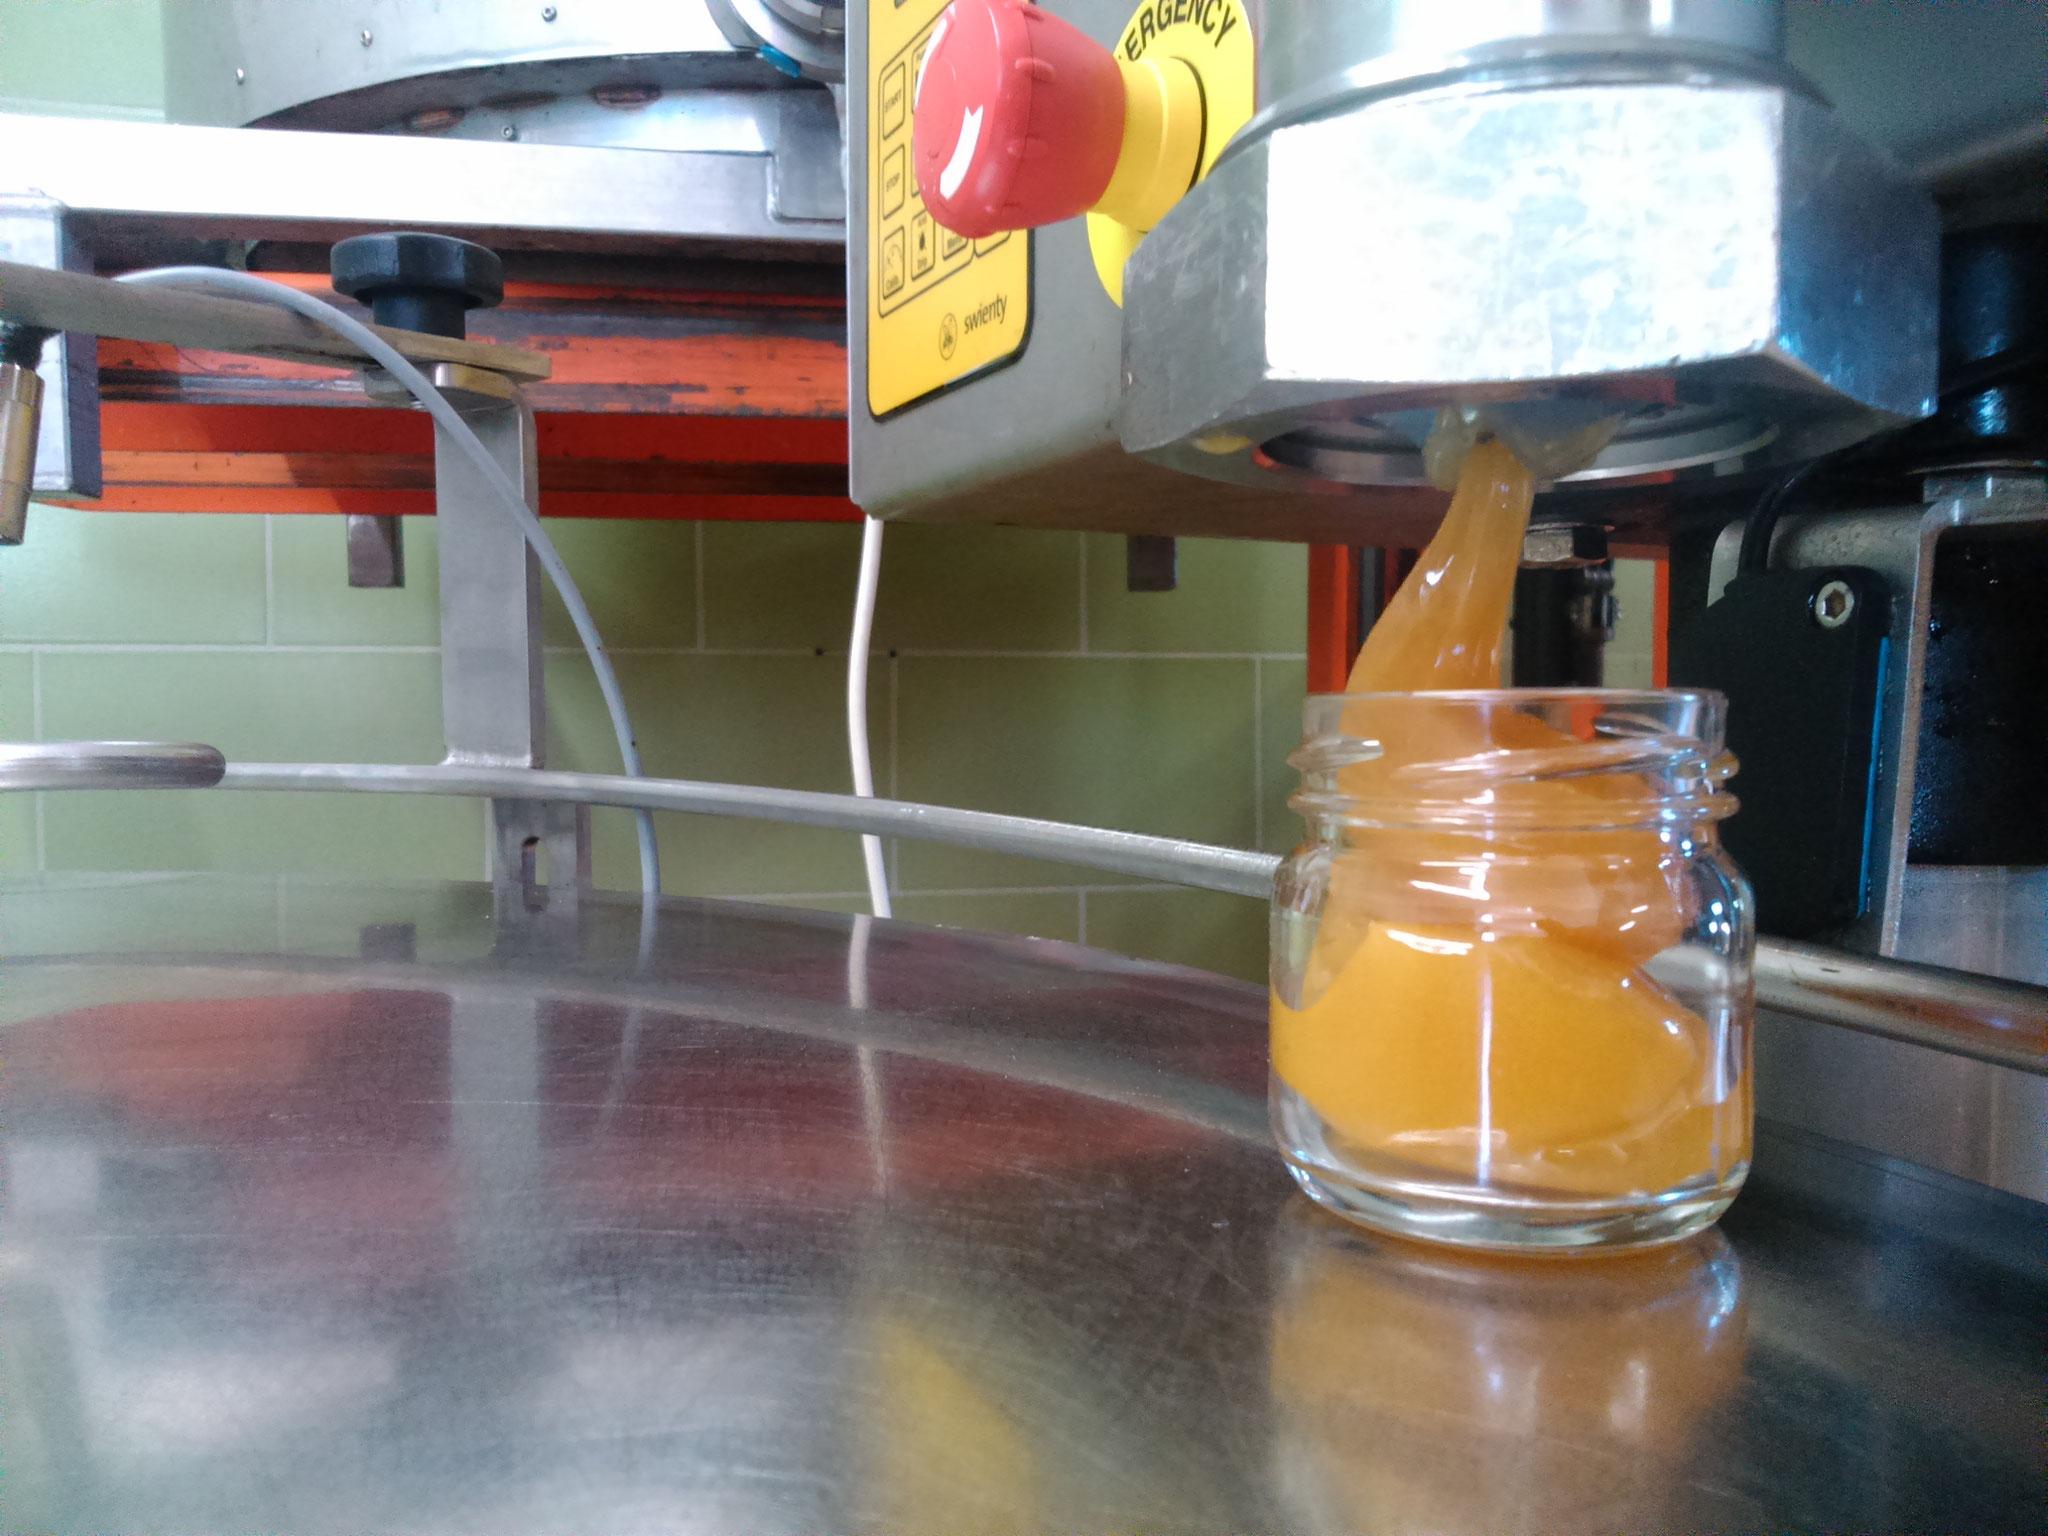 Cremiger Honig wird in ein 250g Glas gefüllt